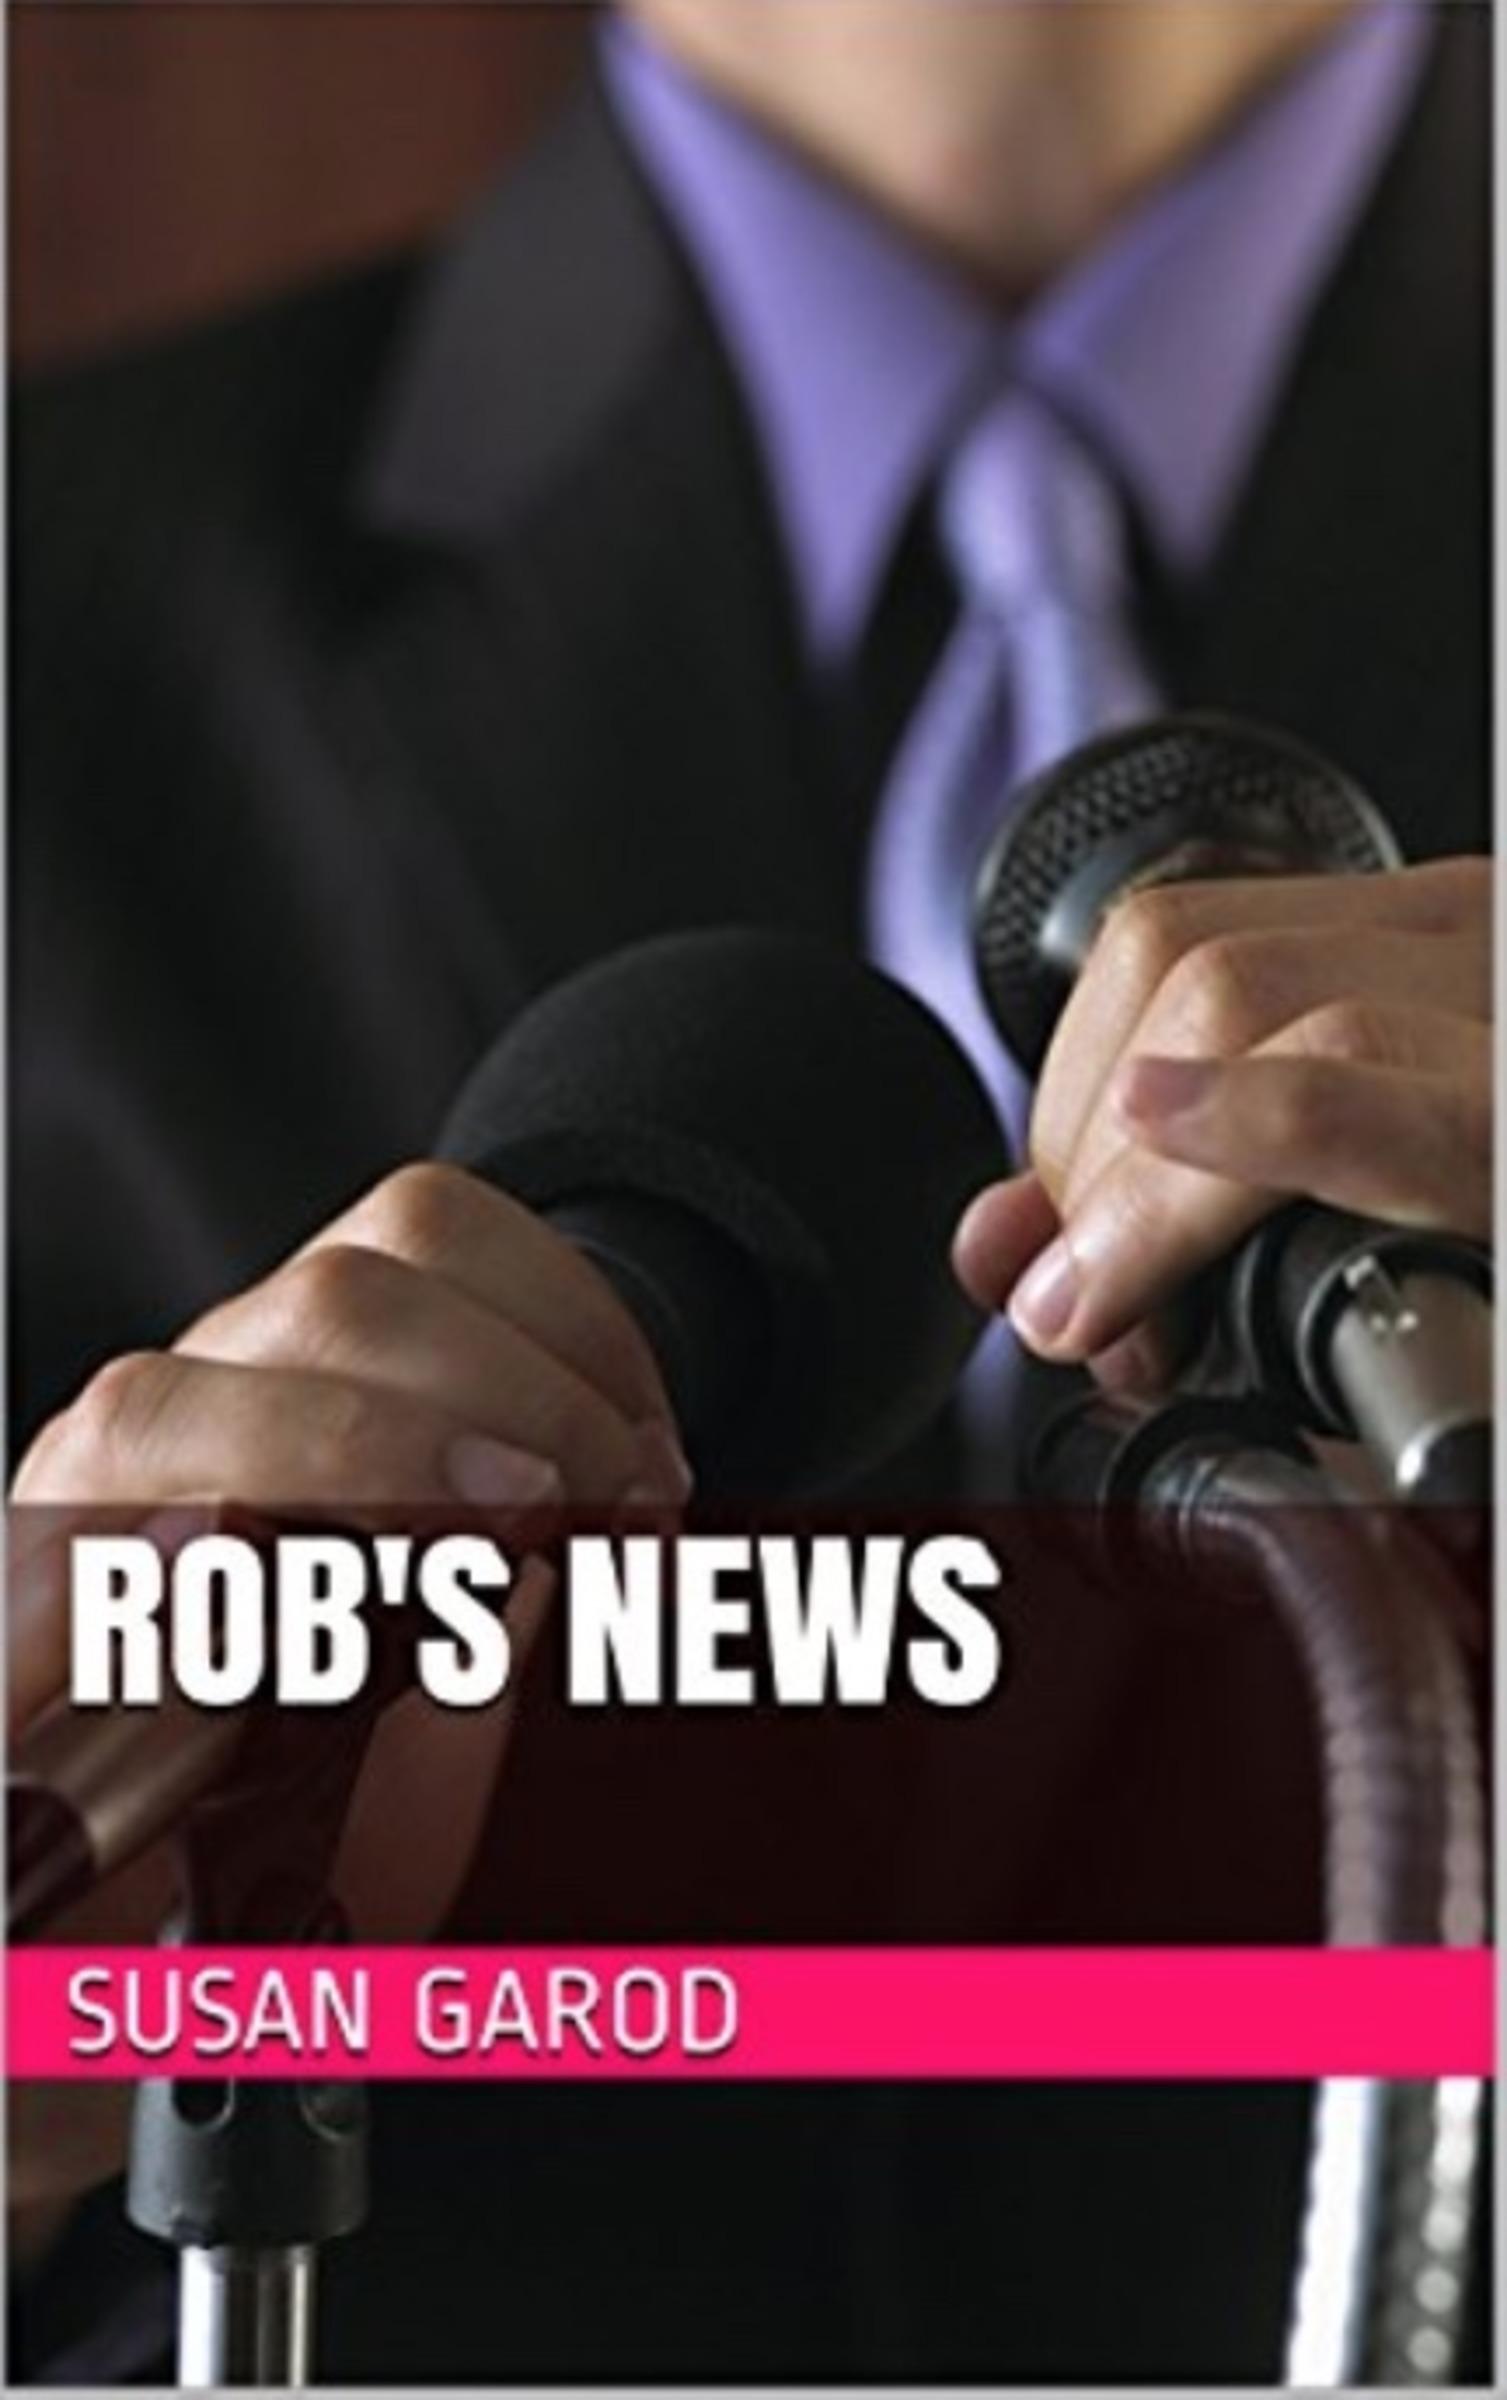 Robs News